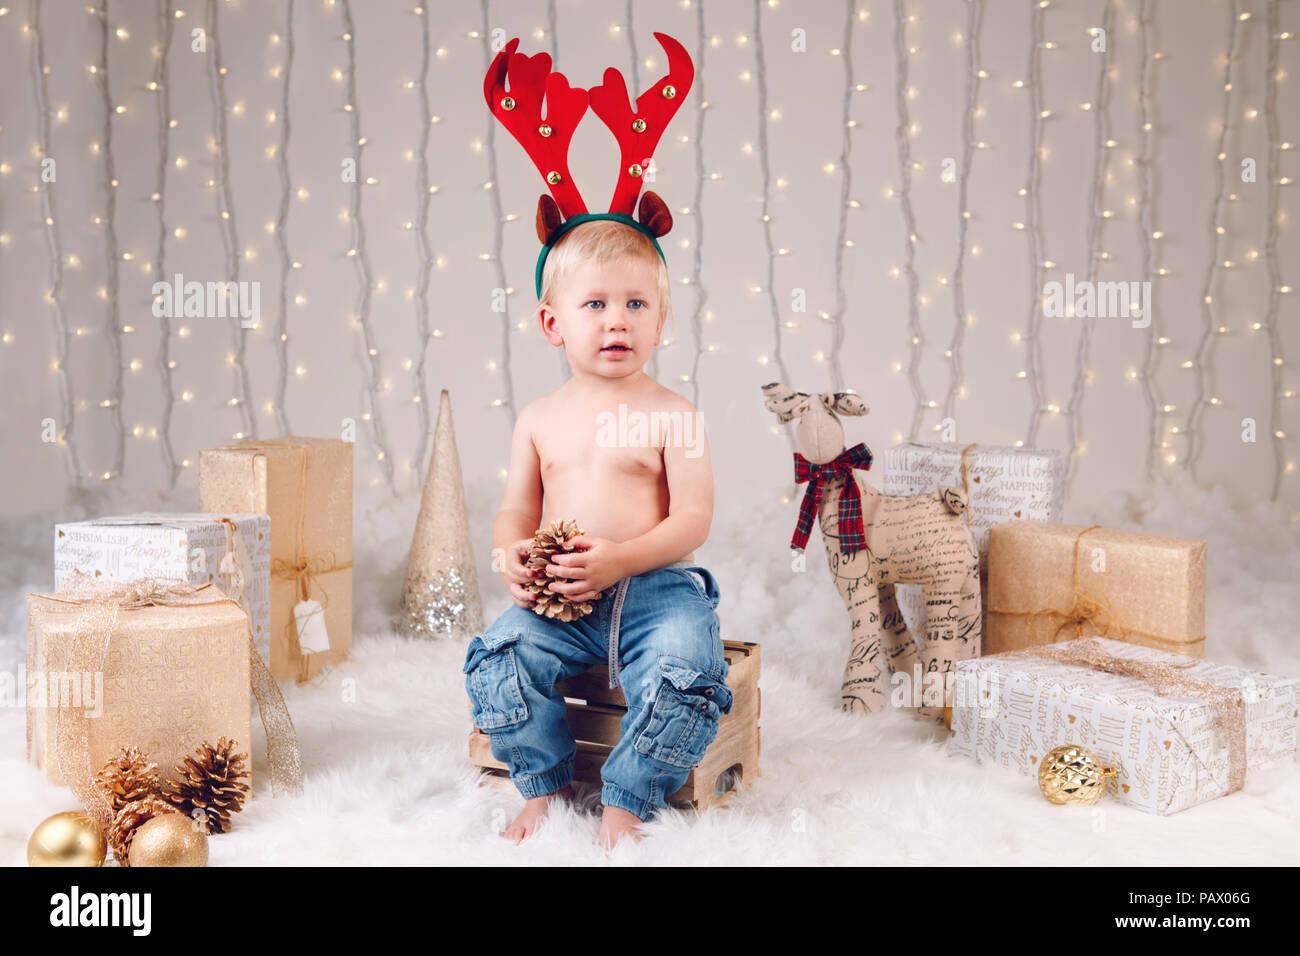 Retrato de niño caucásicos blancos con venados moose diadema cuernos  celebrando la Navidad o Año Nuevo 9a69f3ebeb0